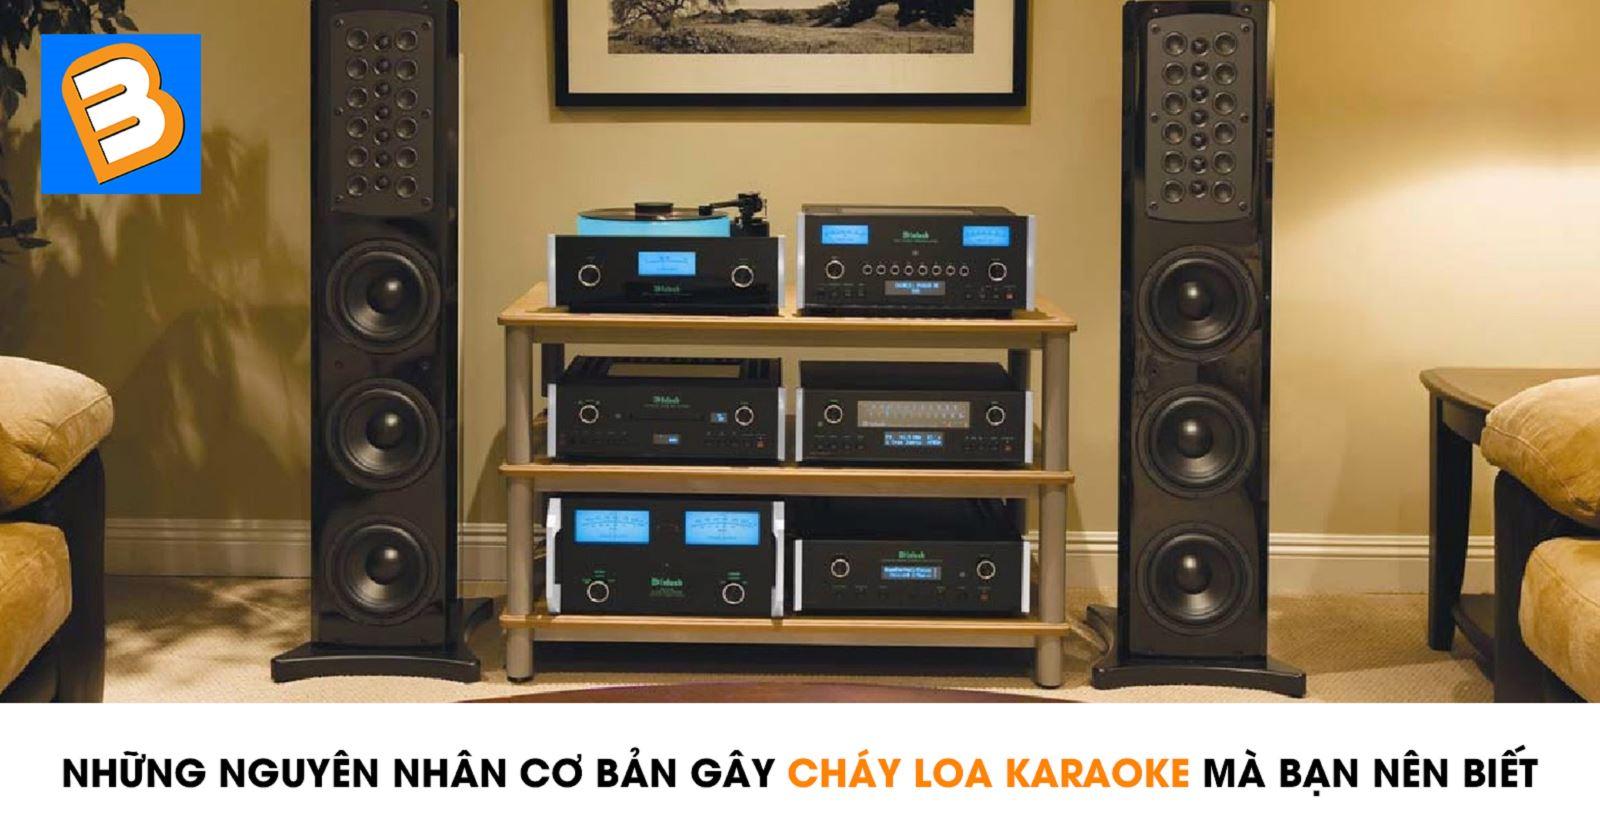 Nhữngnguyên nhân cơ bảngây cháy loa karaoke mà bạn nên biết